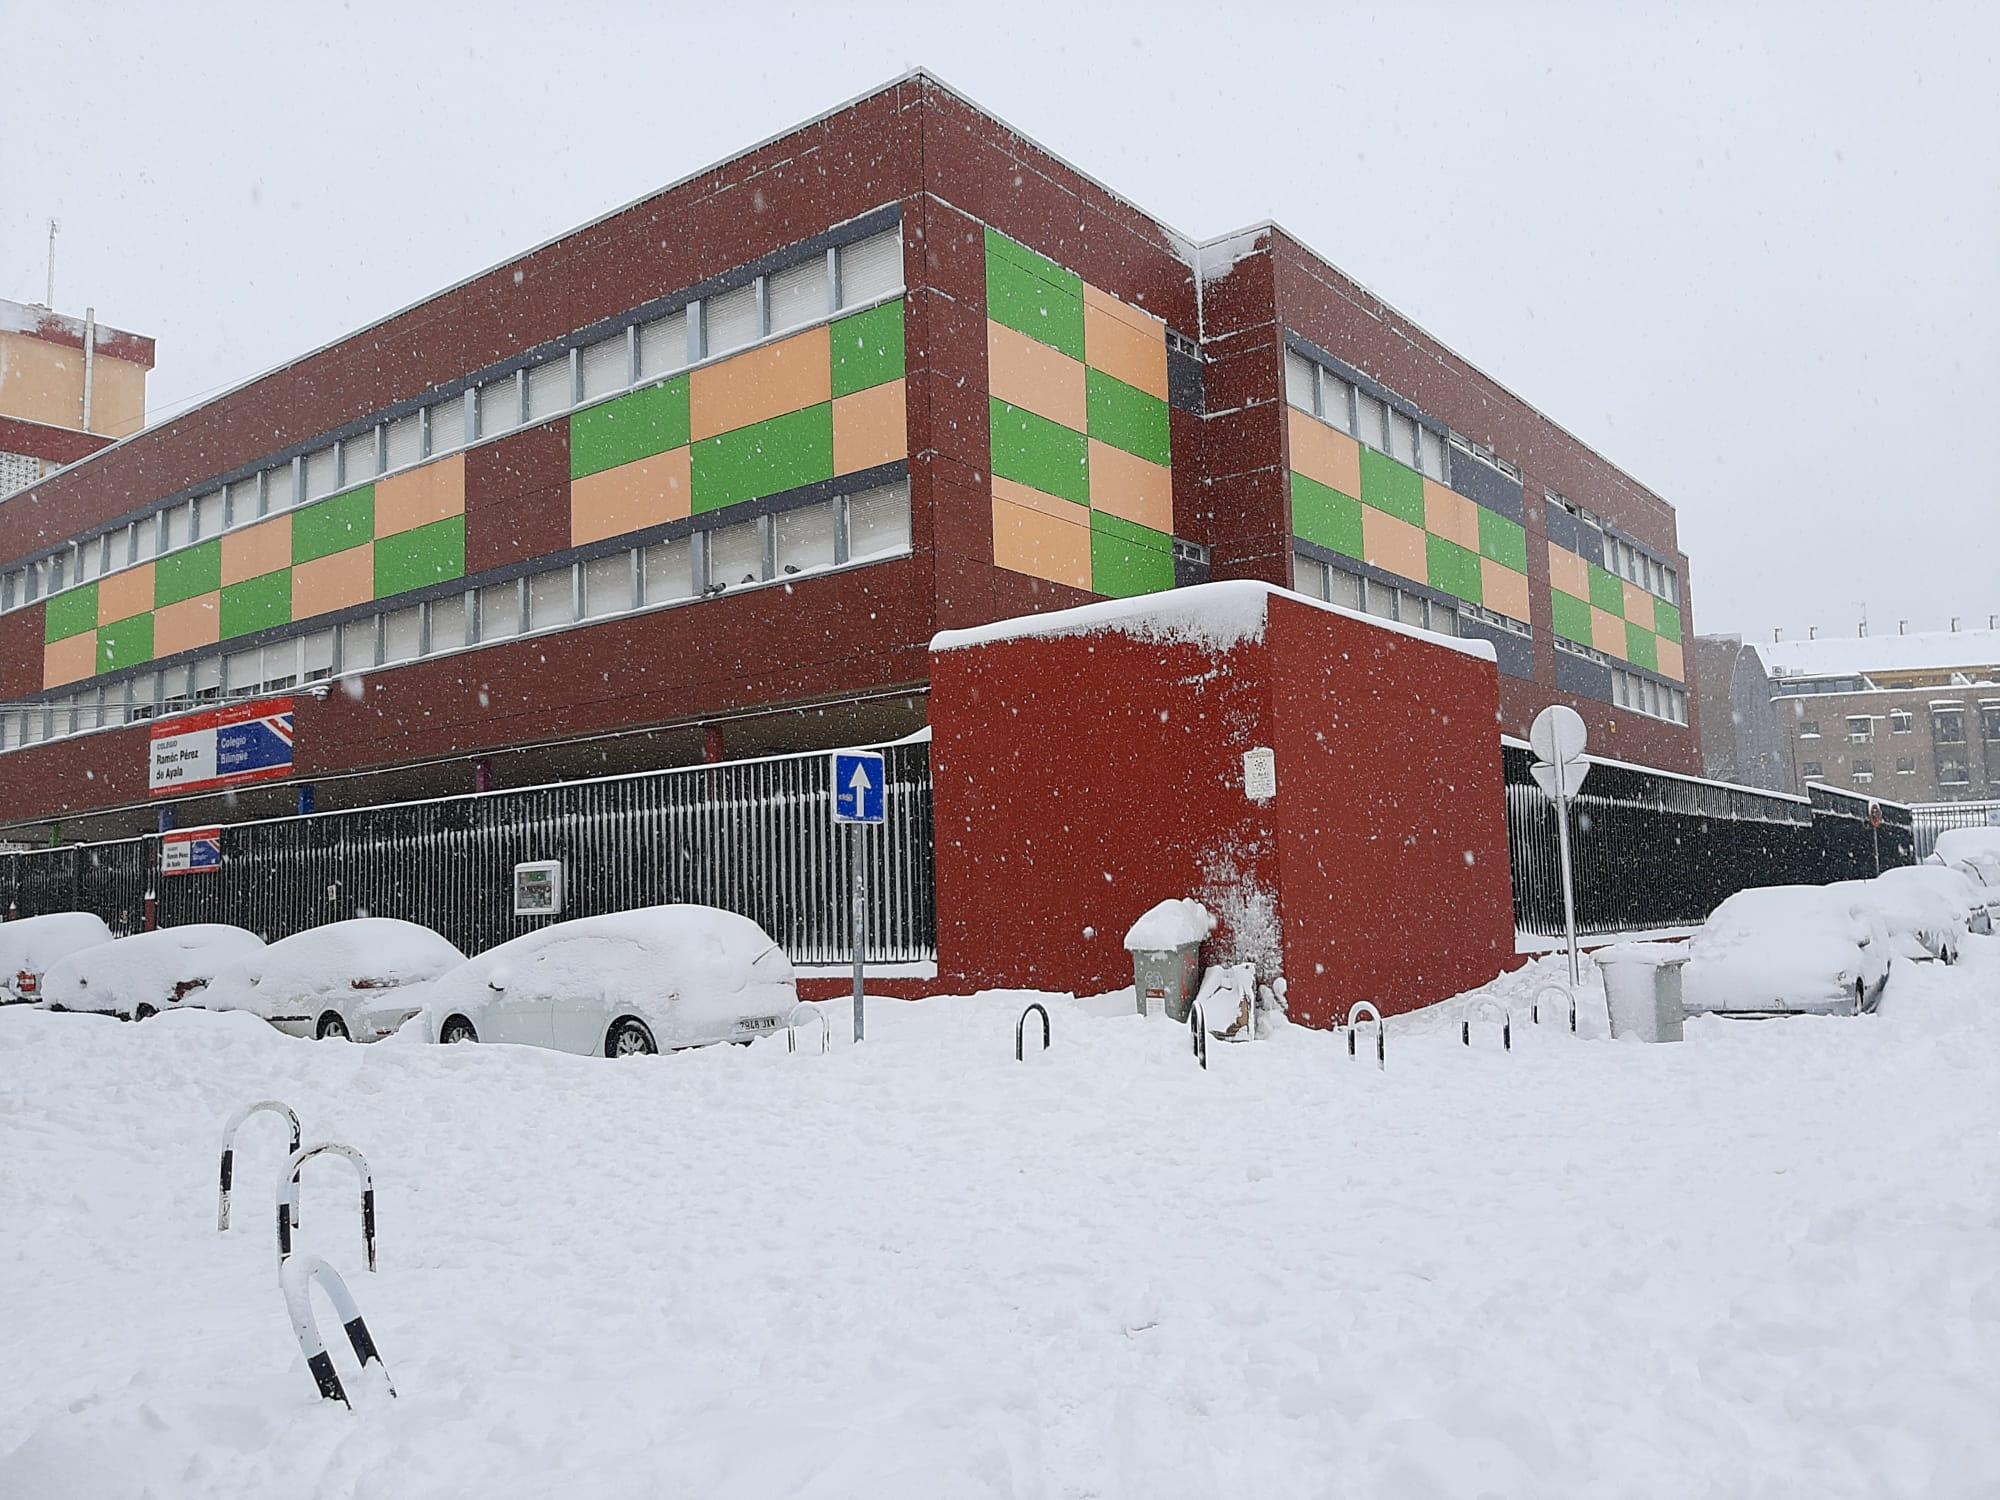 Estampa del Ramón Pérez de Ayala nevado, enero 2021.